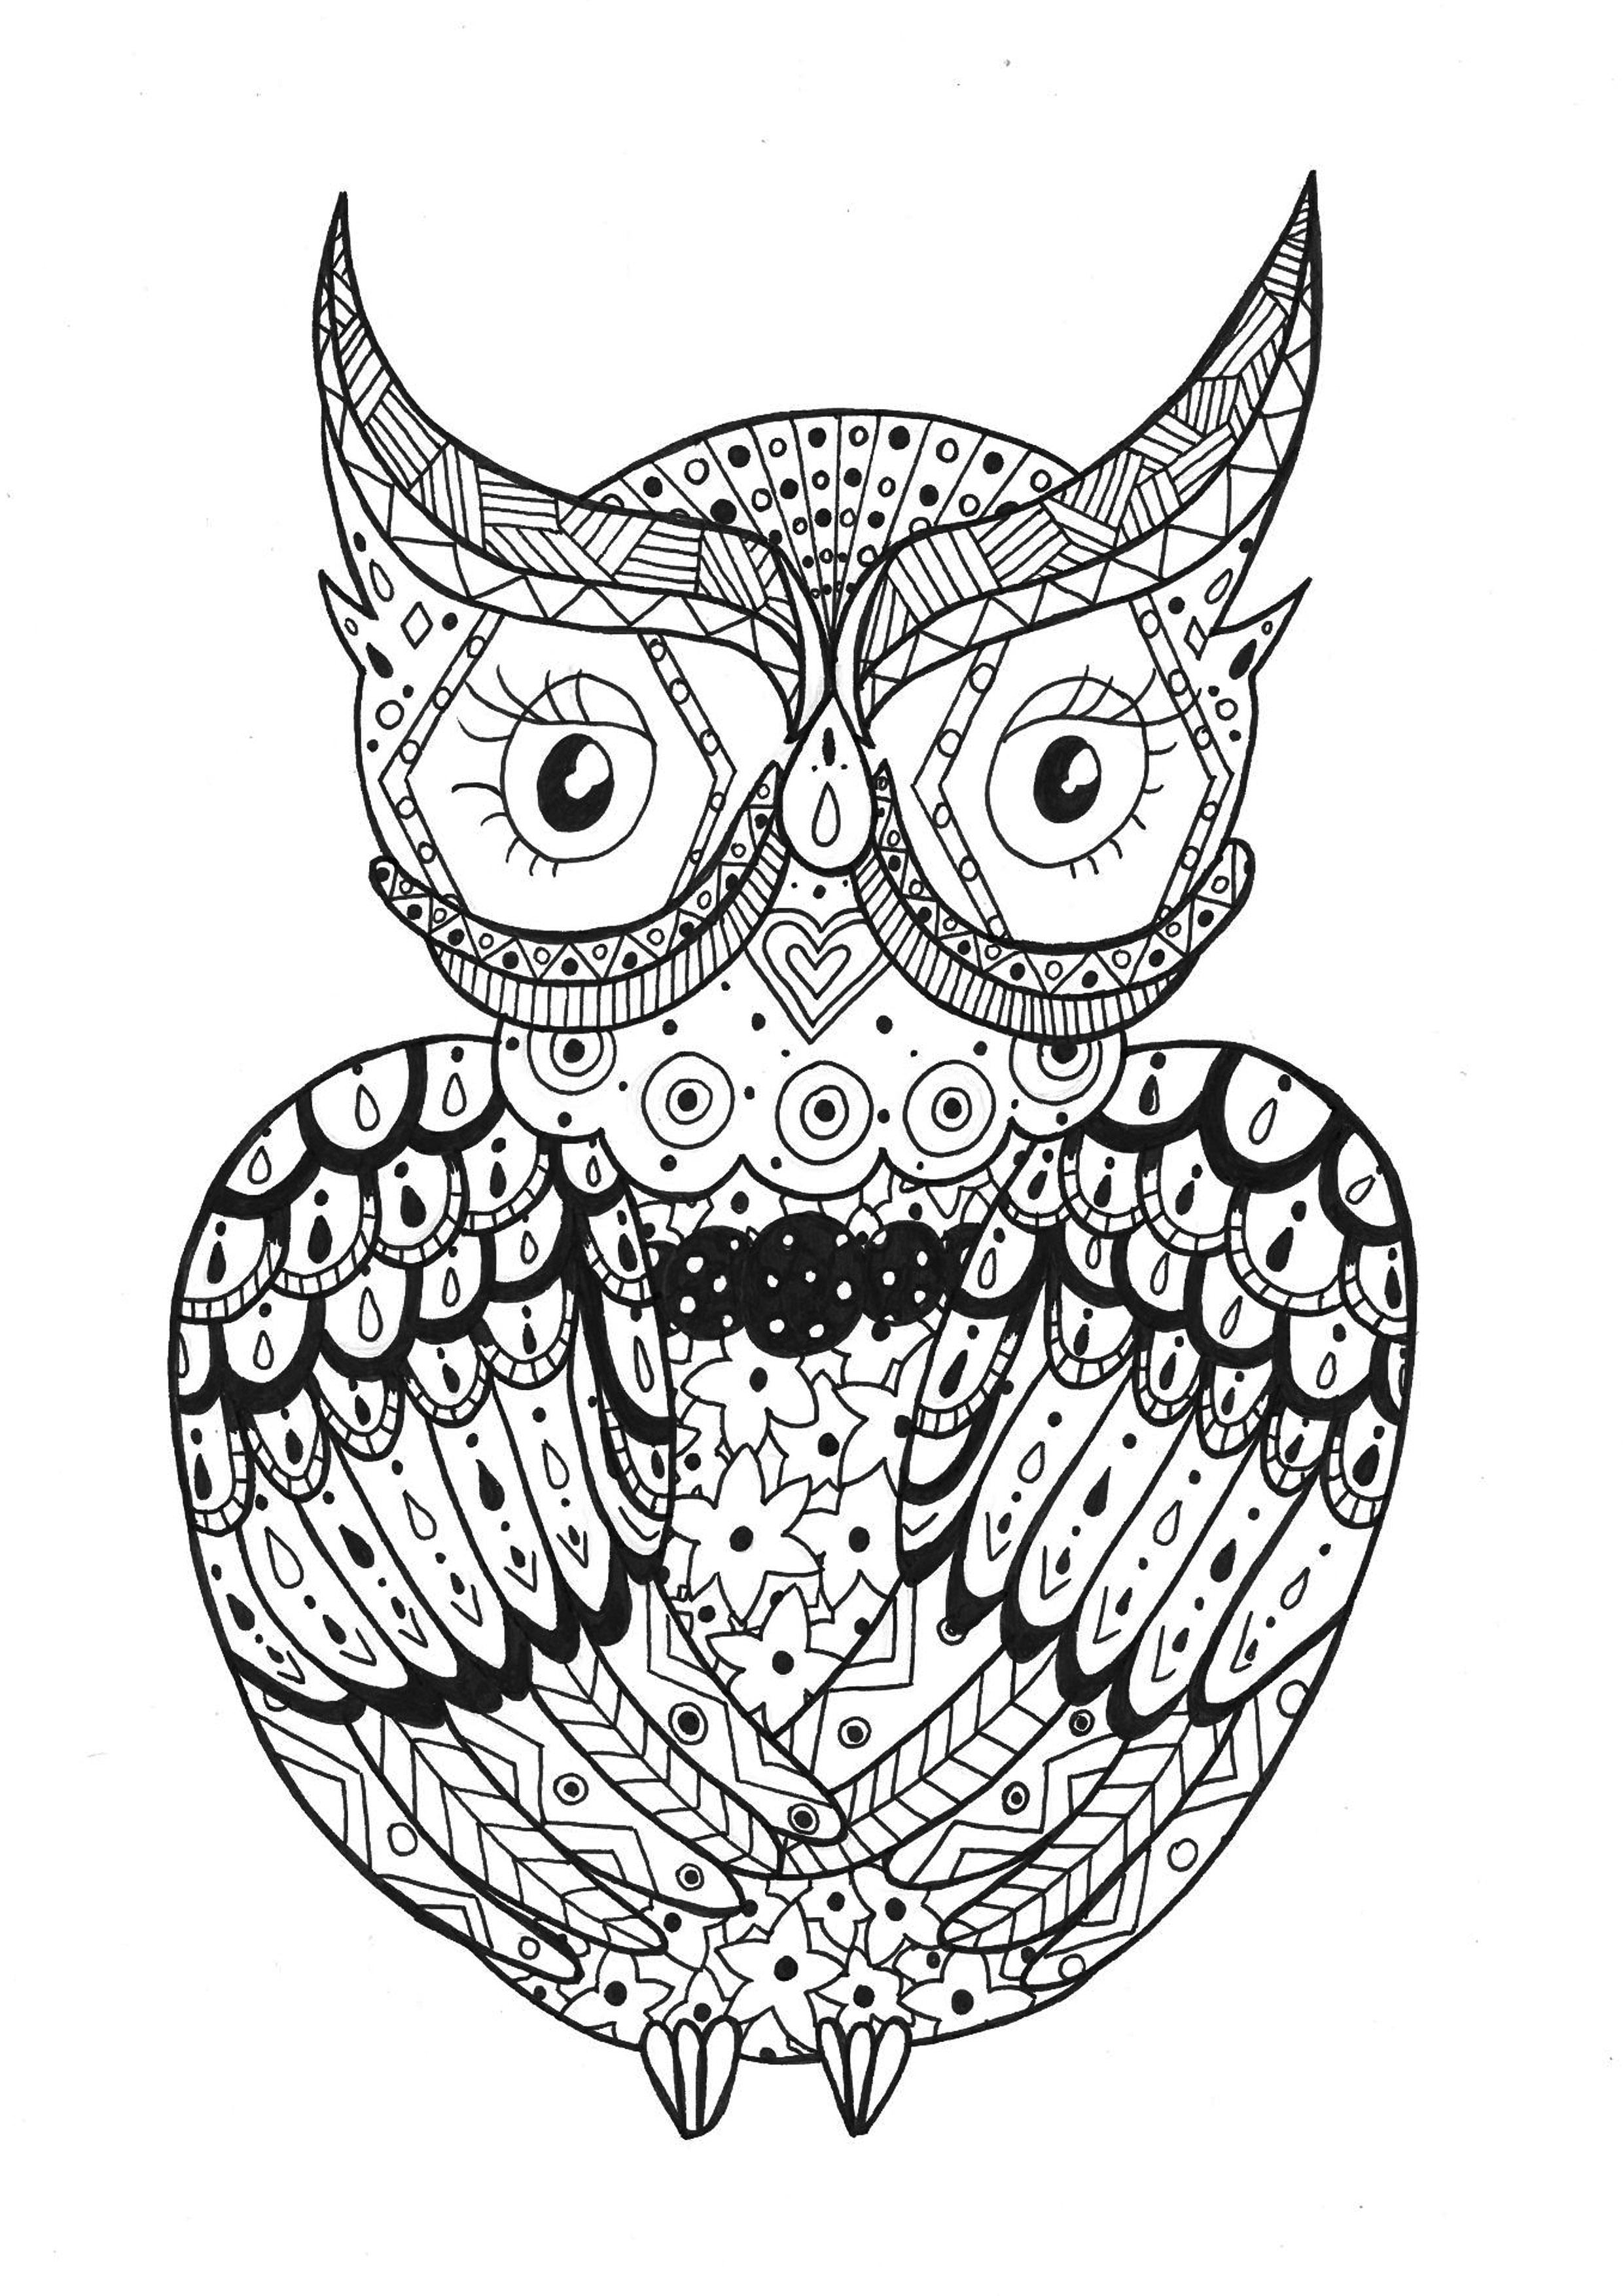 Disegni da colorare per adulti : Zentangle - 59